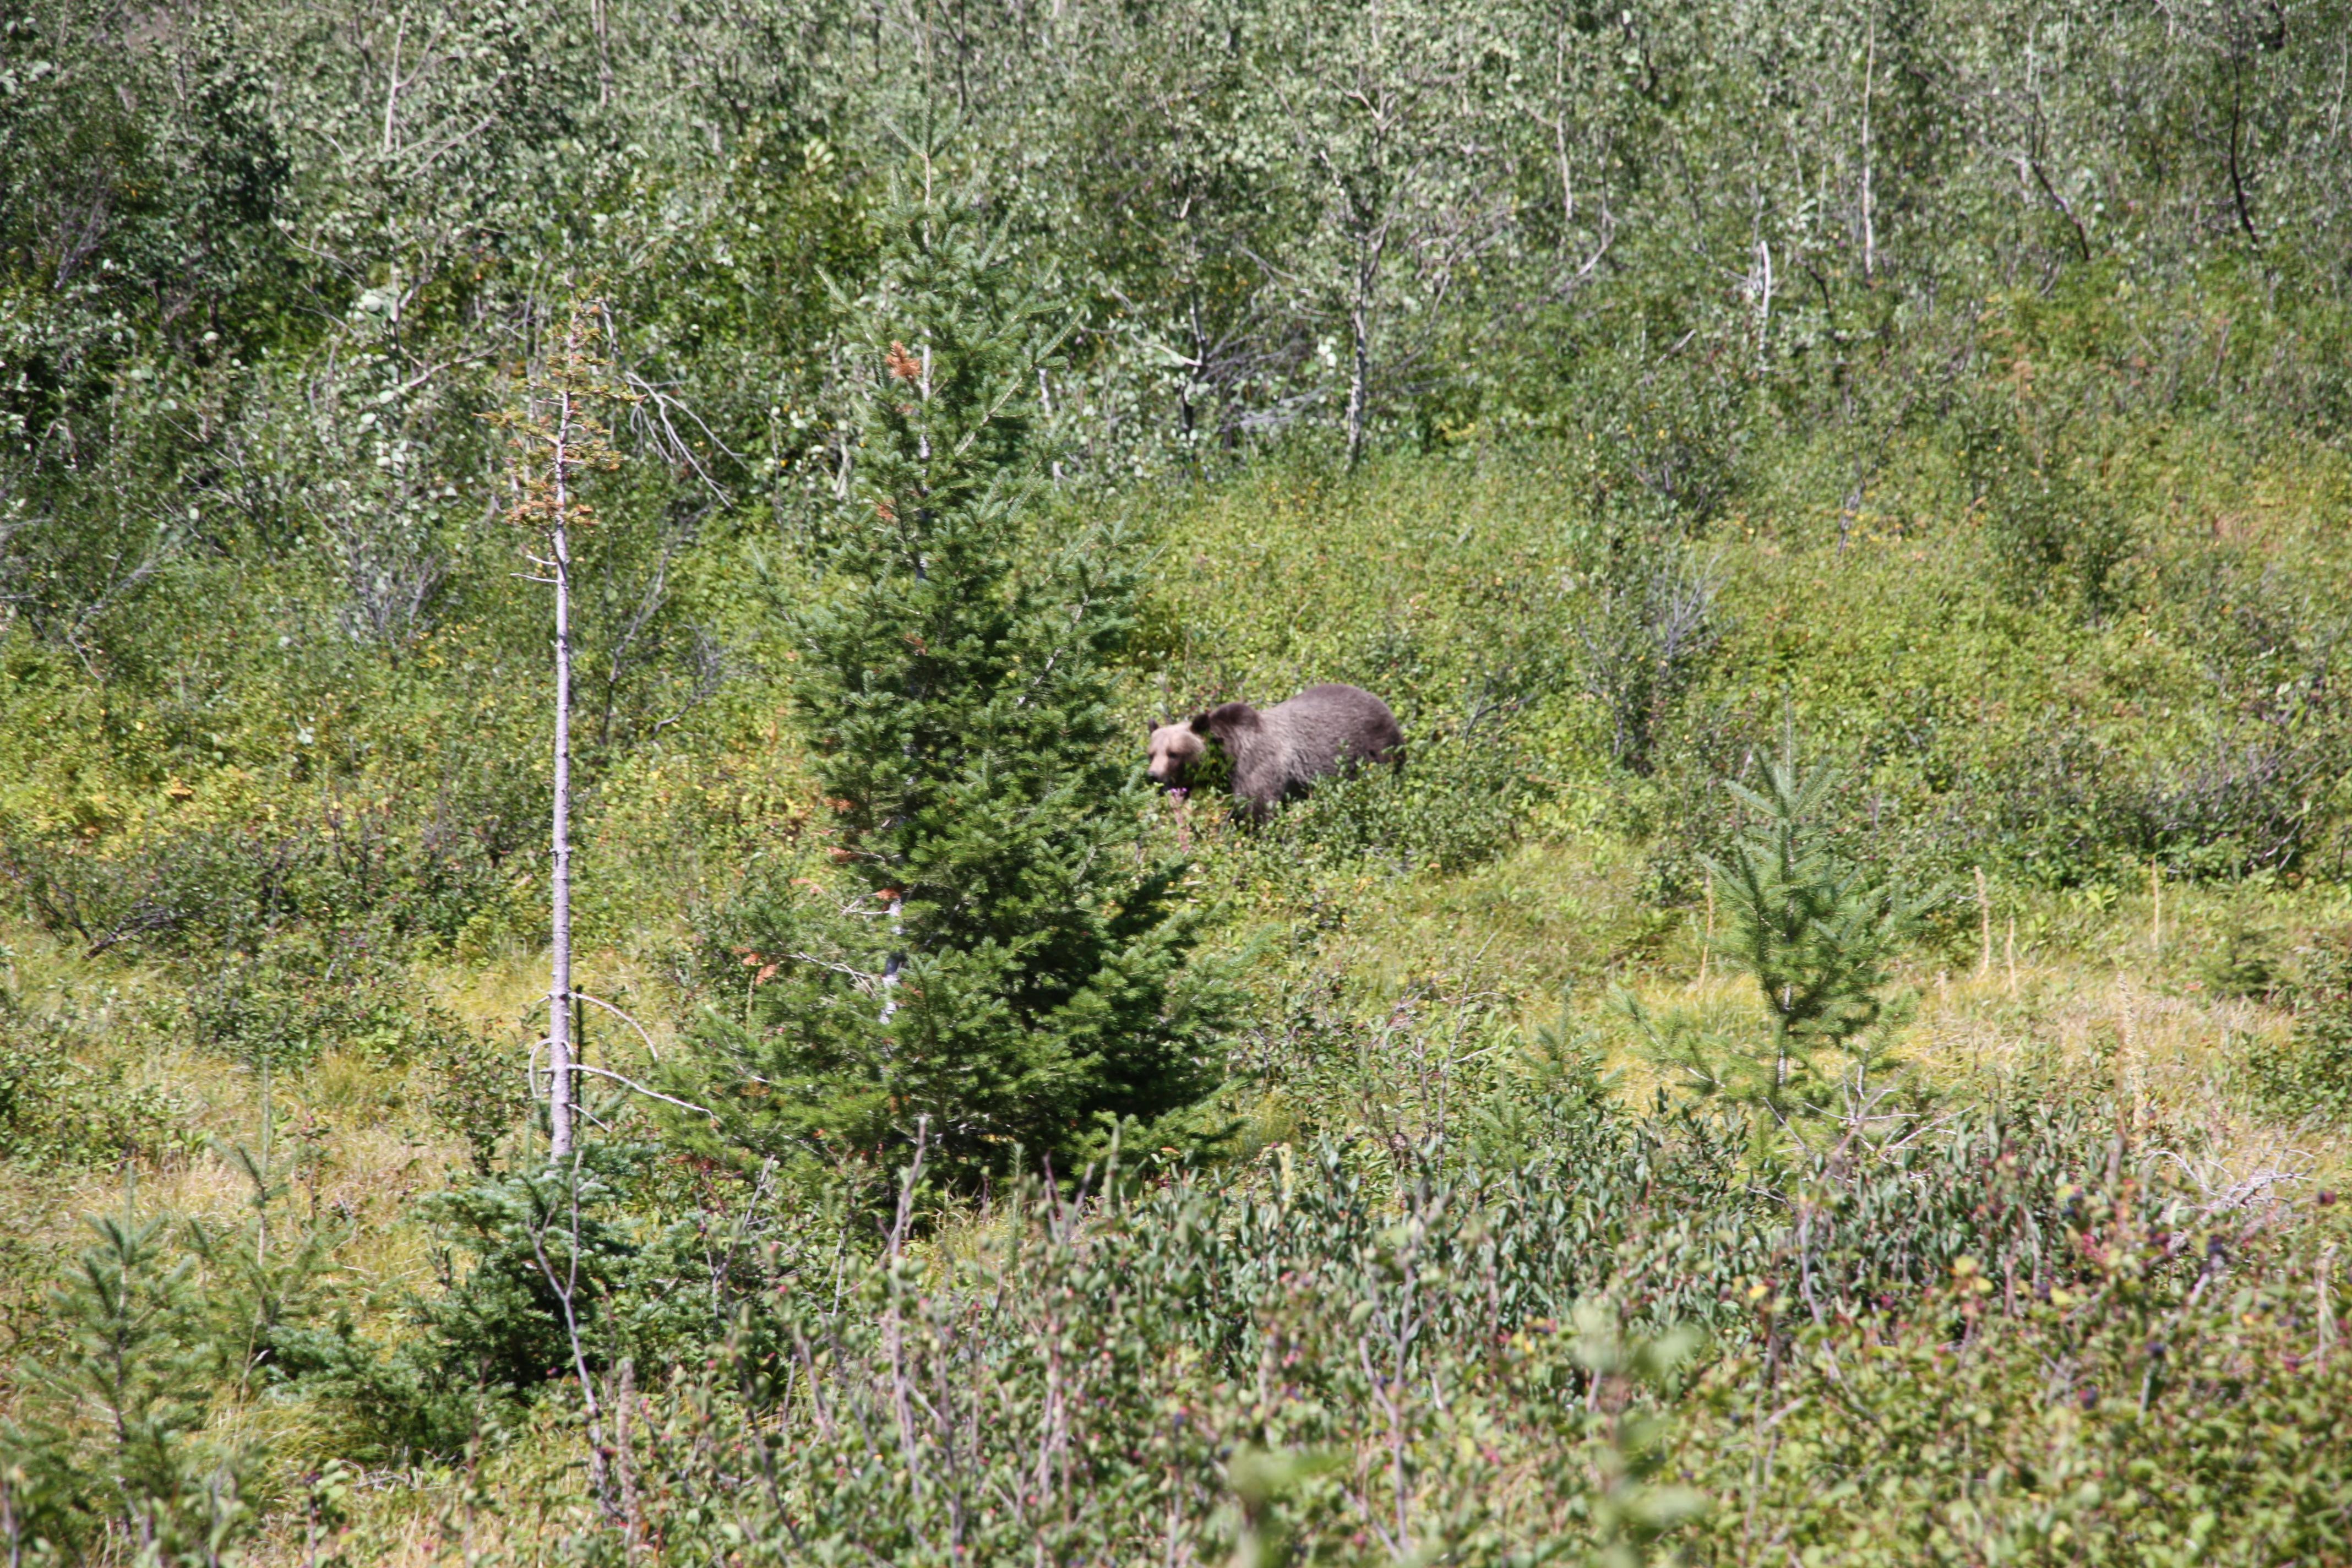 2013-12-09 - The Bear Shall Graze (IMG_8271)